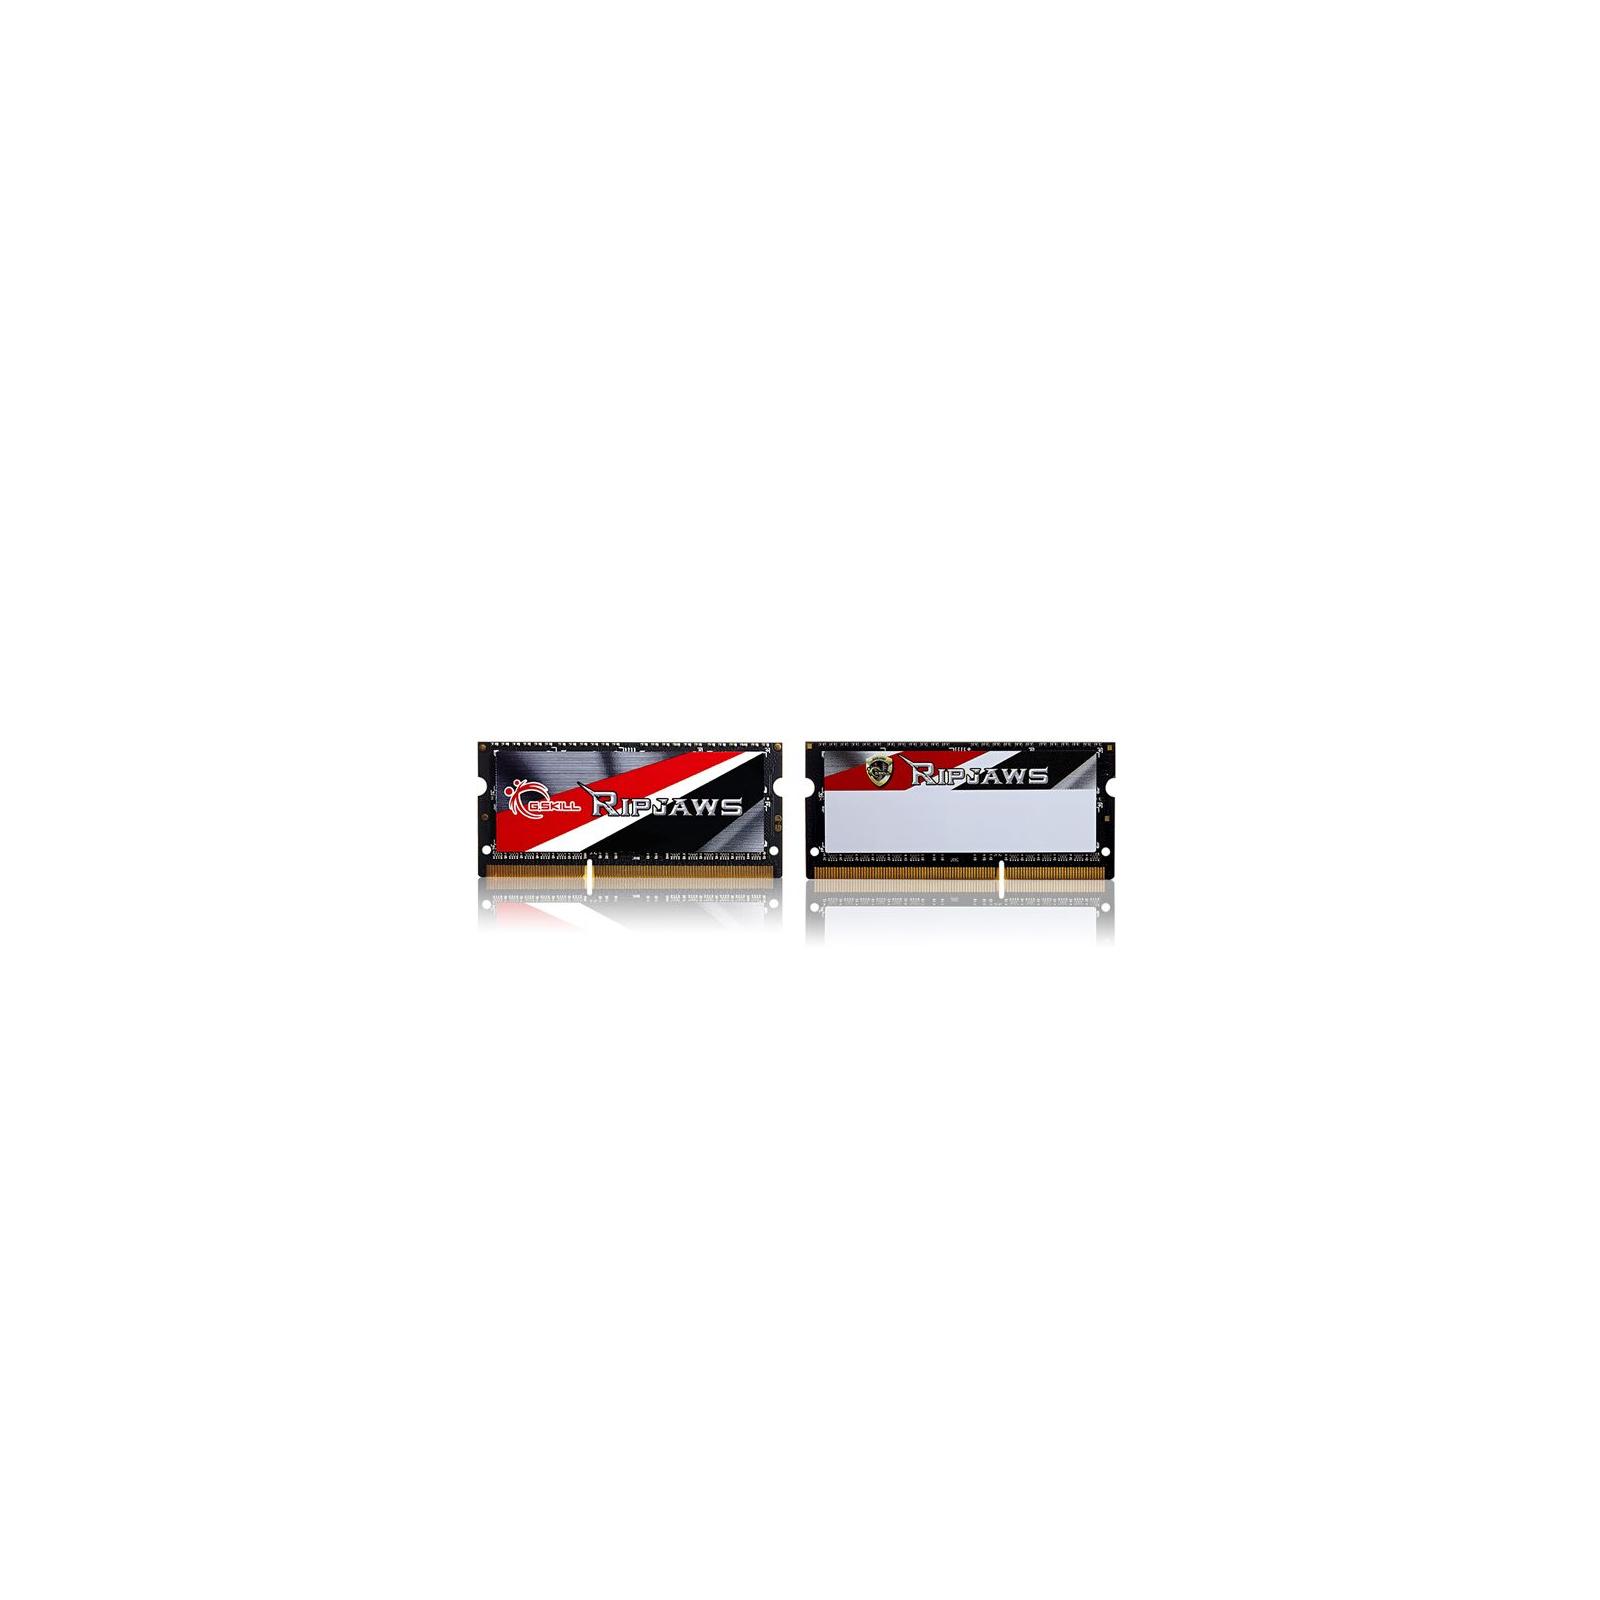 Модуль памяти для ноутбука SoDIMM DDR3 8GB (2x4GB) 1600 MHz G.Skill (F3-1600C11D-8GRSL) изображение 2